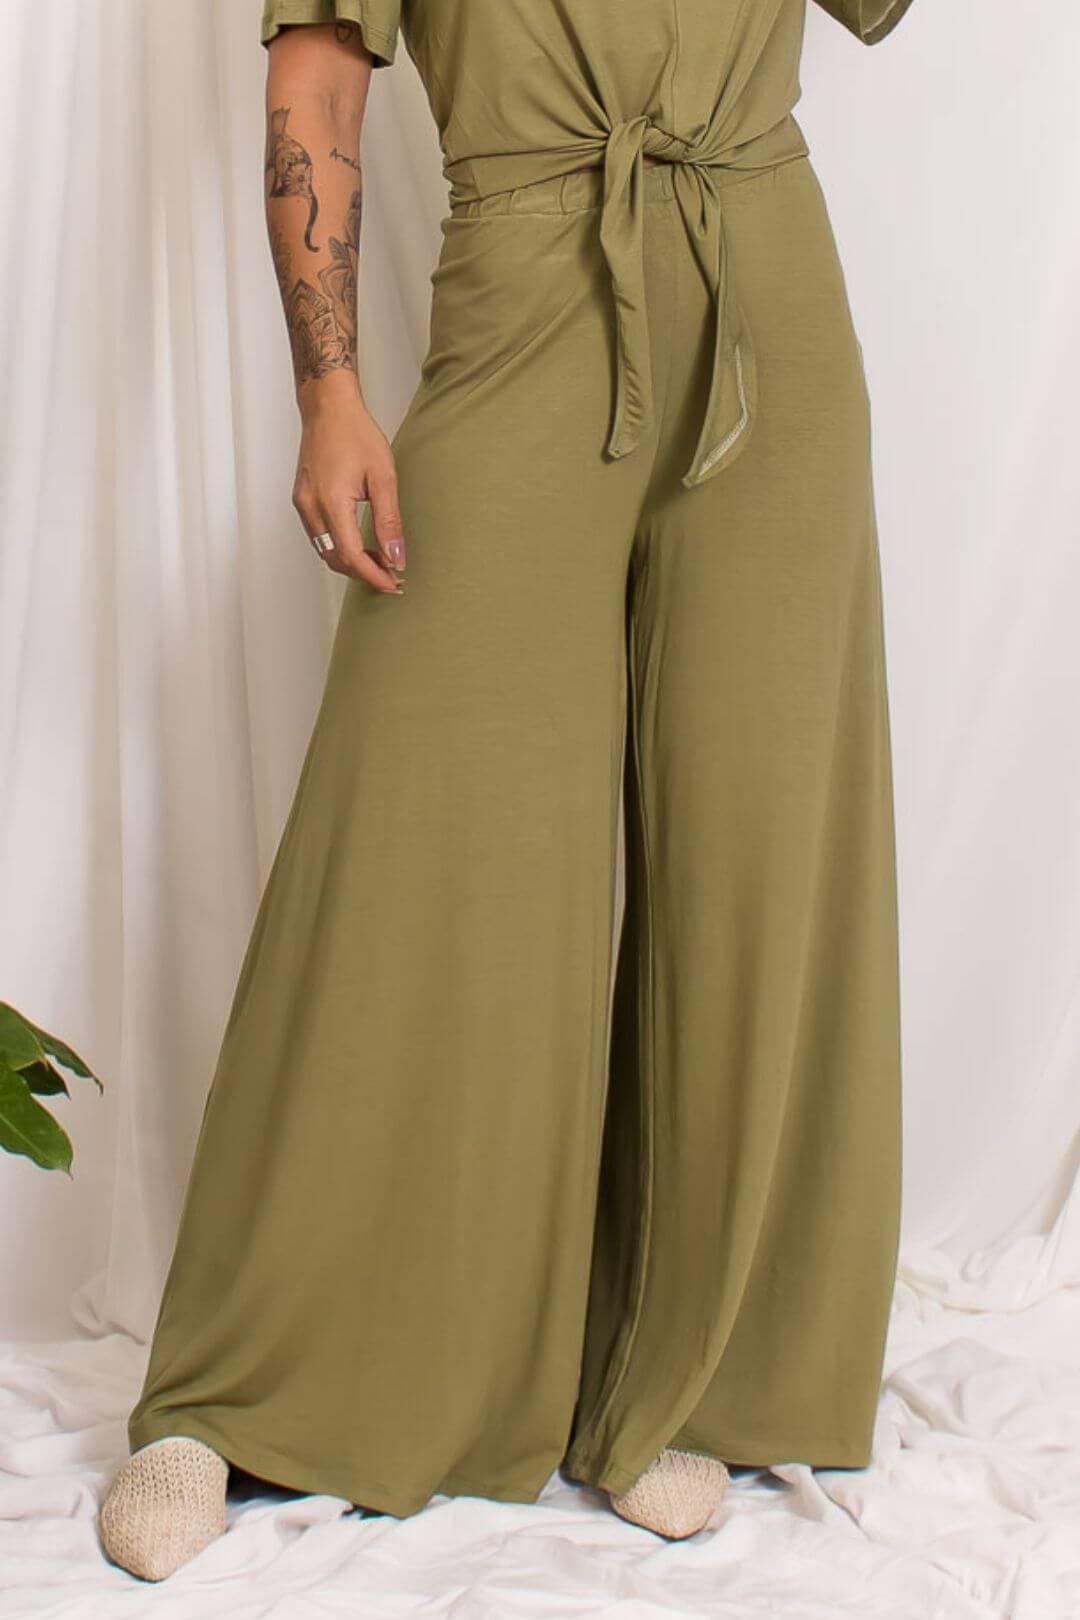 Pantalona Malha Básica